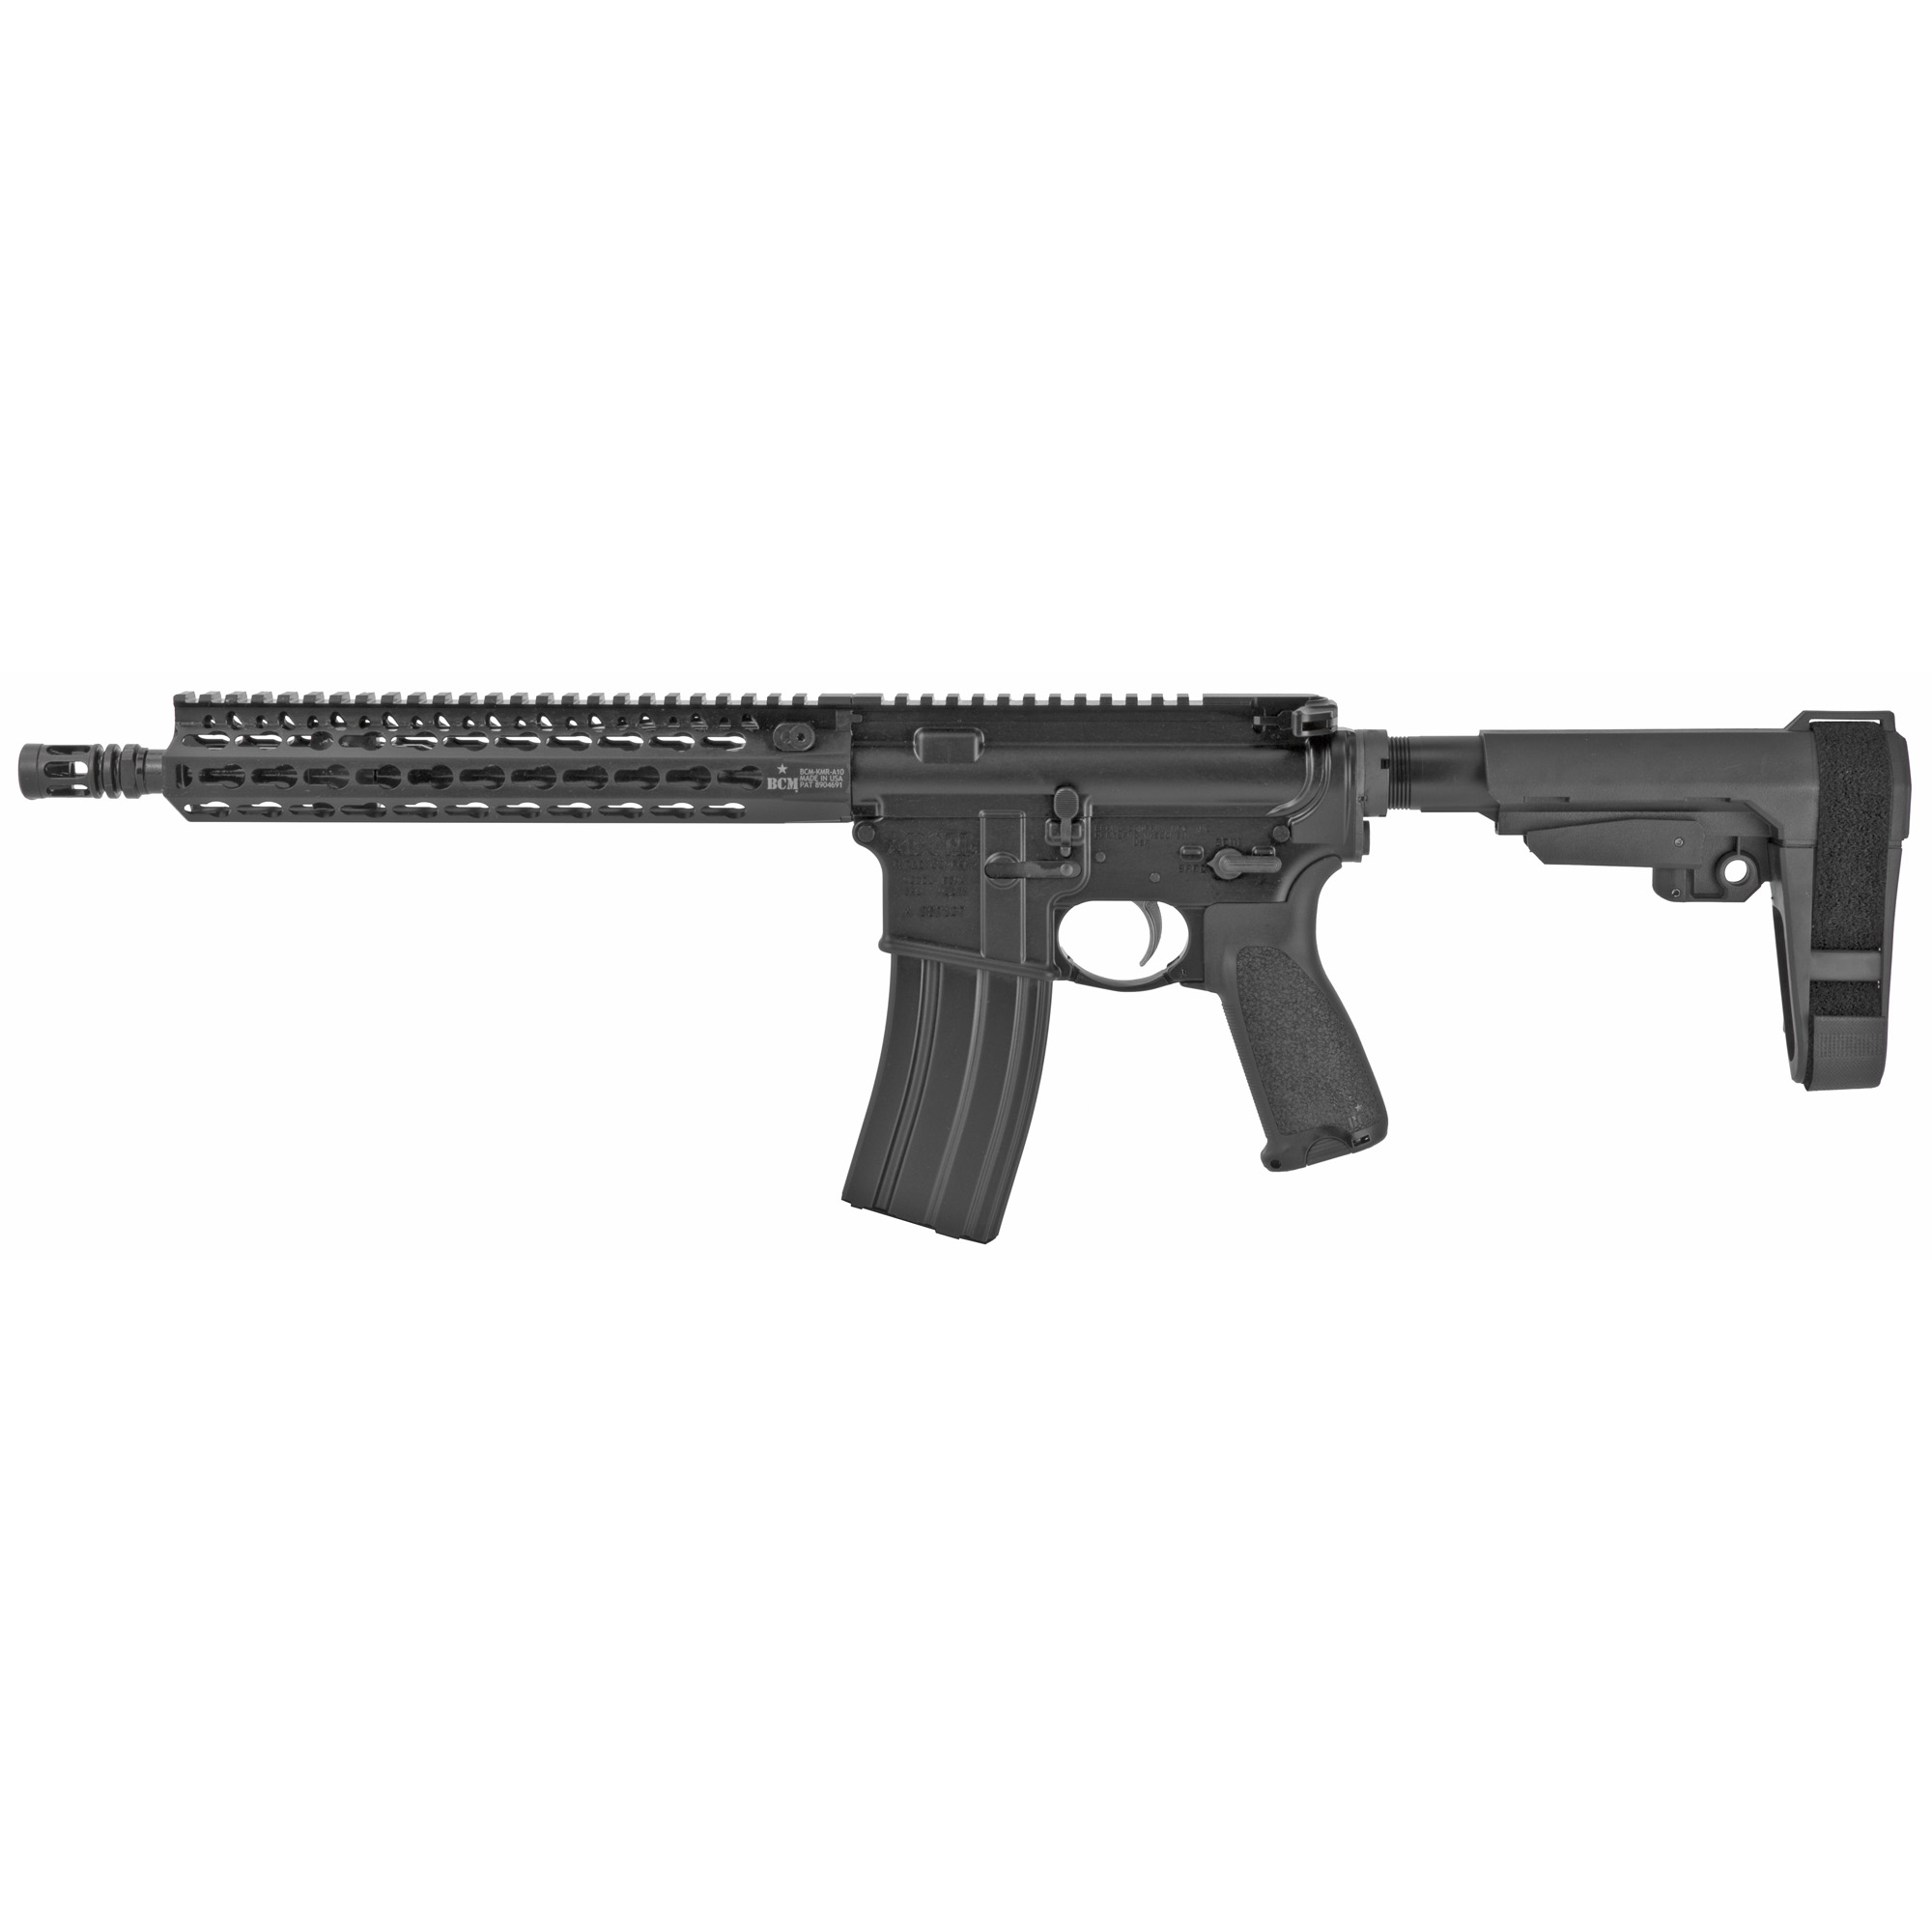 Bravo Company Recce 11 KMR-A Pistol 11.5″ 223 Remington 5.56 NATO 30Rd – Black